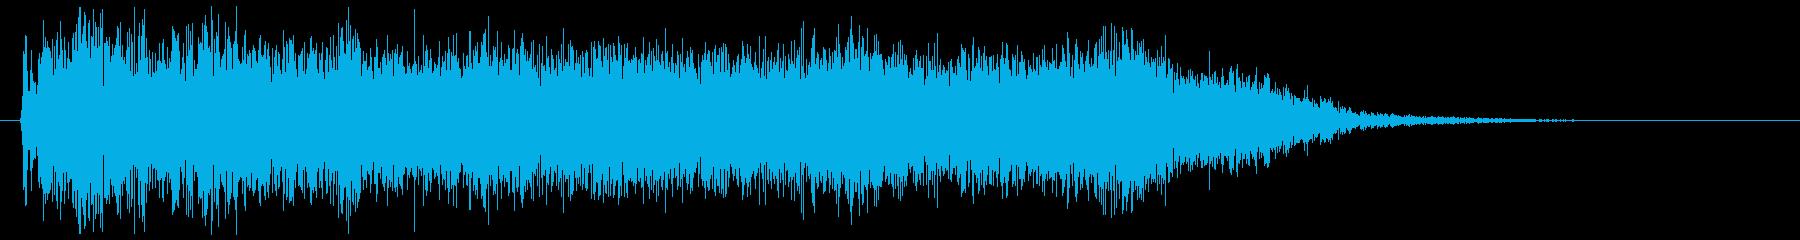 メタルギターフレーズ ダーク 場面転換の再生済みの波形